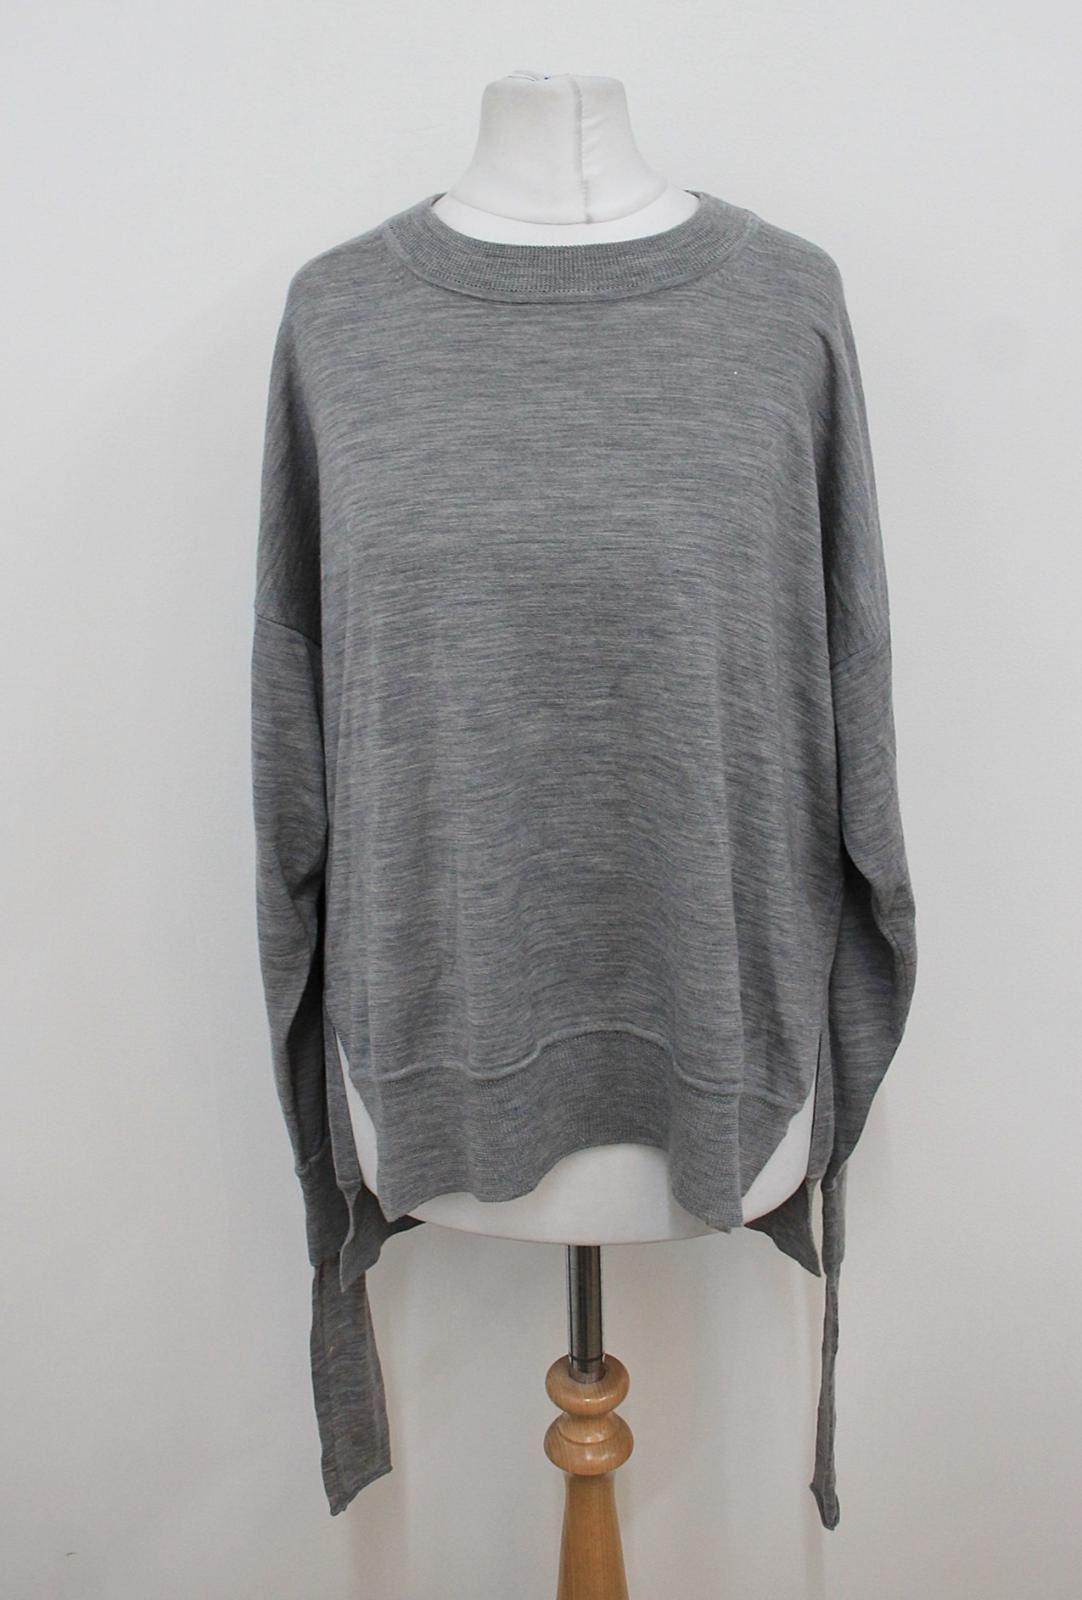 Alexander-Wang-Damen-grau-meliert-Langarm-Rundhalsausschnitt-eingefassten-Saum-Pullover-L